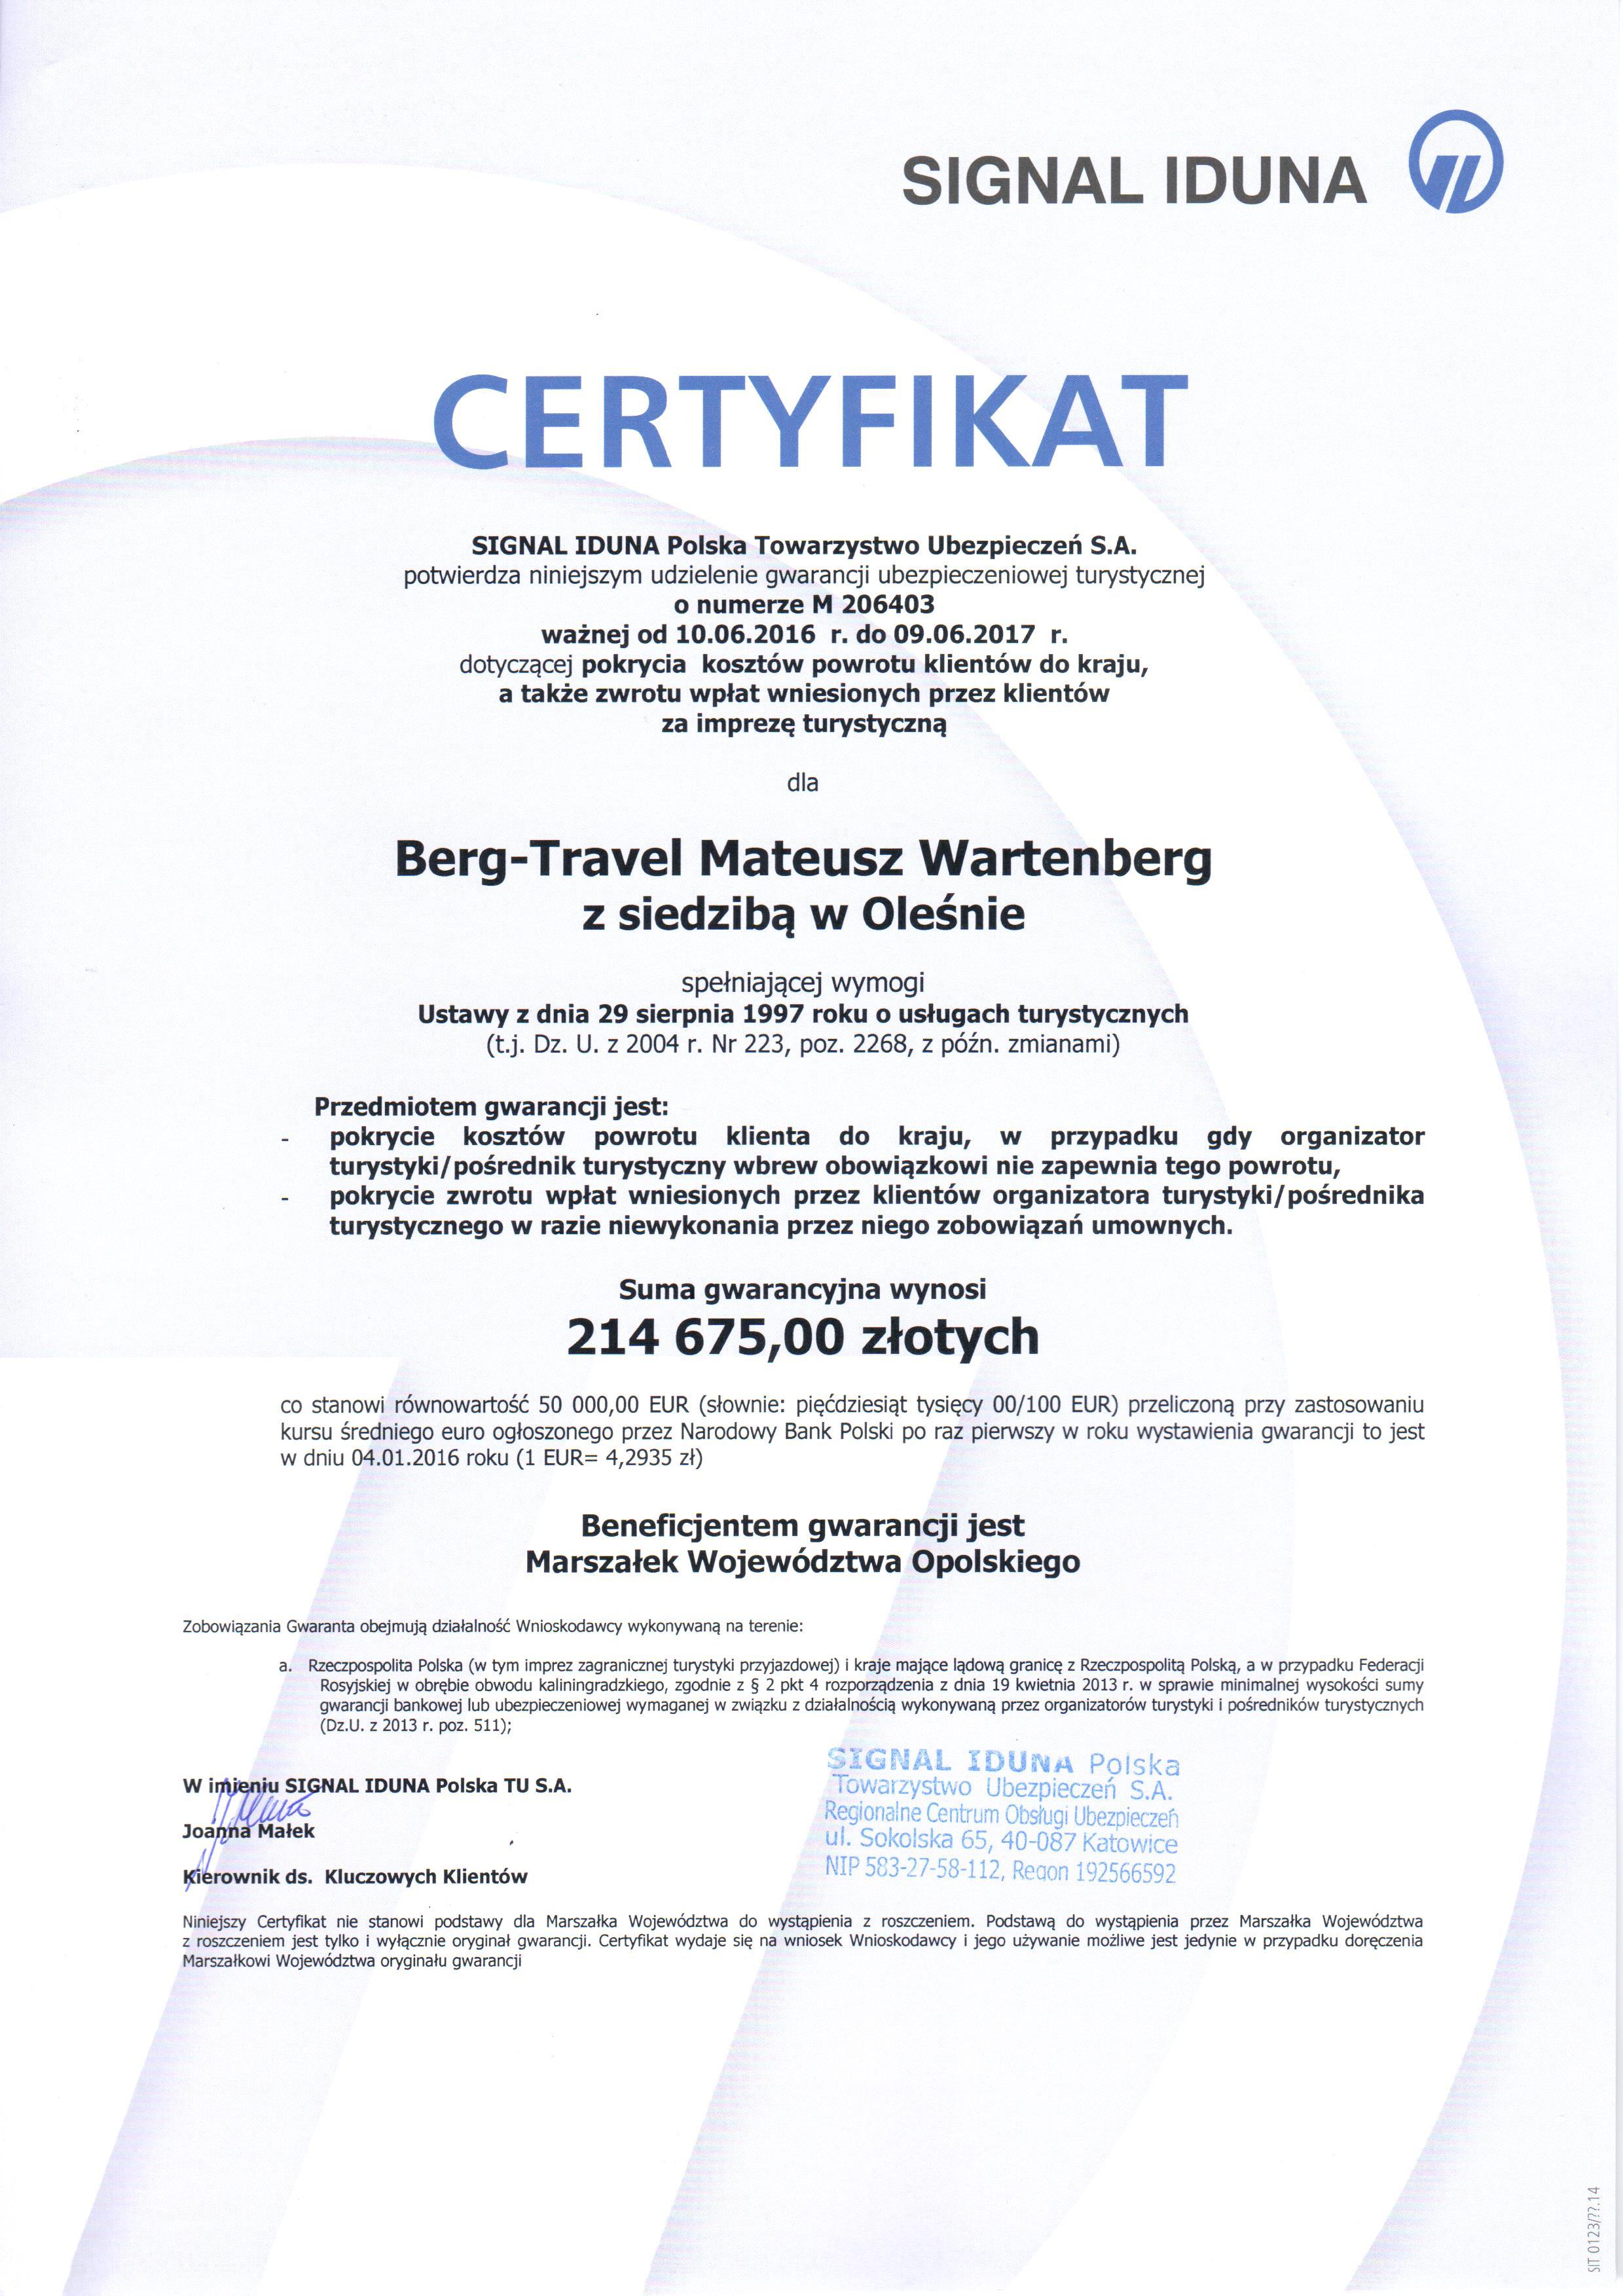 Certyfikat Signal-Iduna